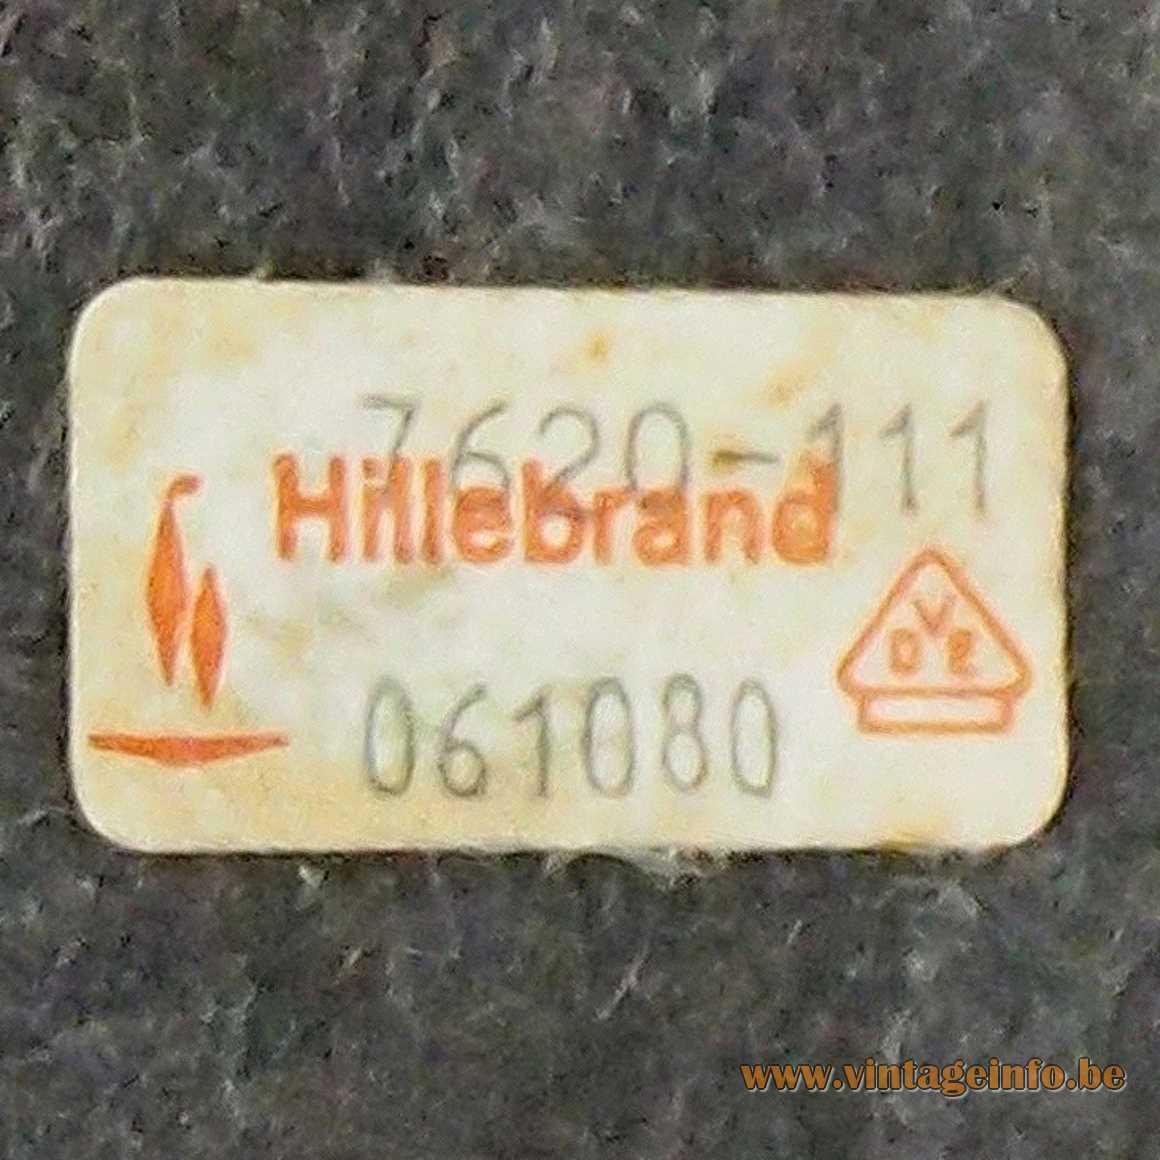 Hillebrand desk lamp 7620 Hillebrand-Leuchten label 1970s Germany